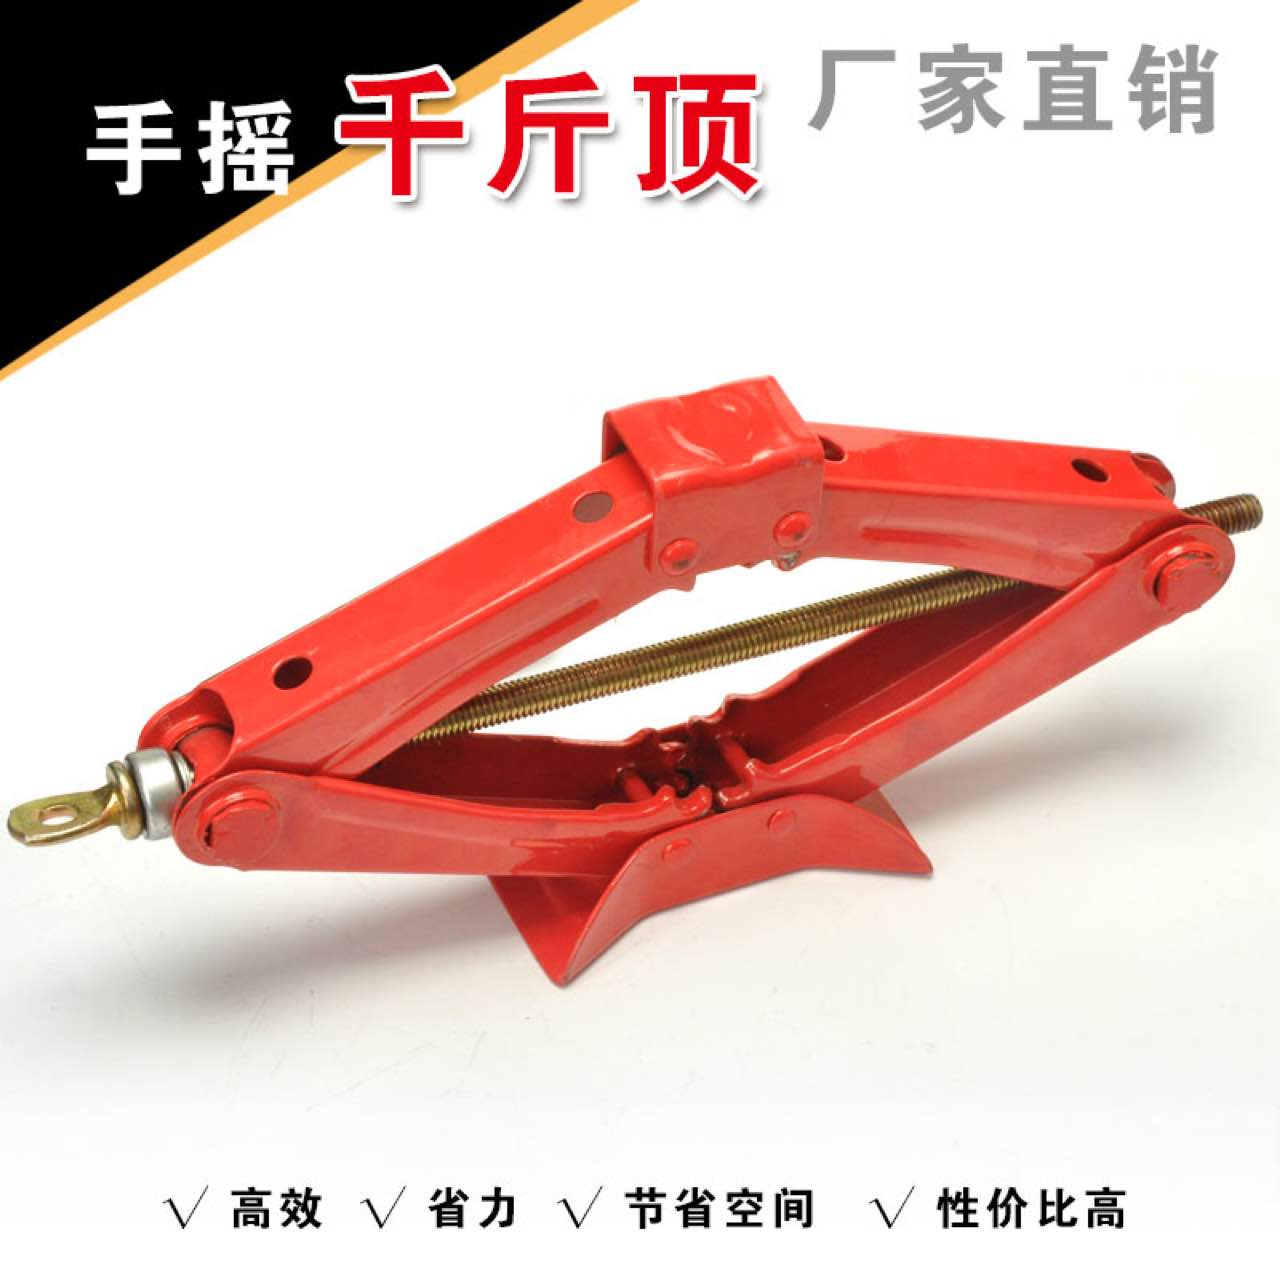 汽车轿车载便携式随车手摇省力换胎剪式架机多功能千斤顶工具套装